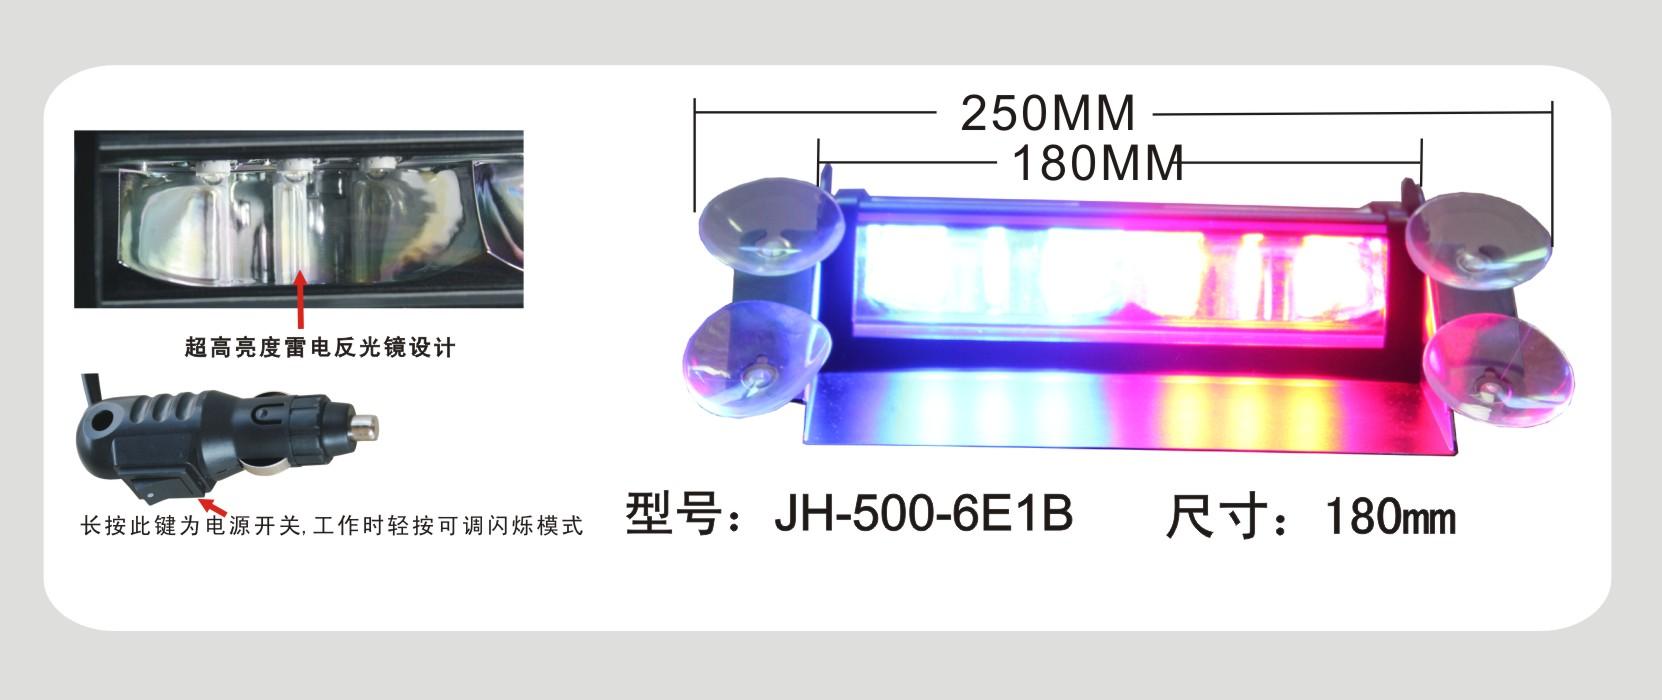 JH-500-6E1B